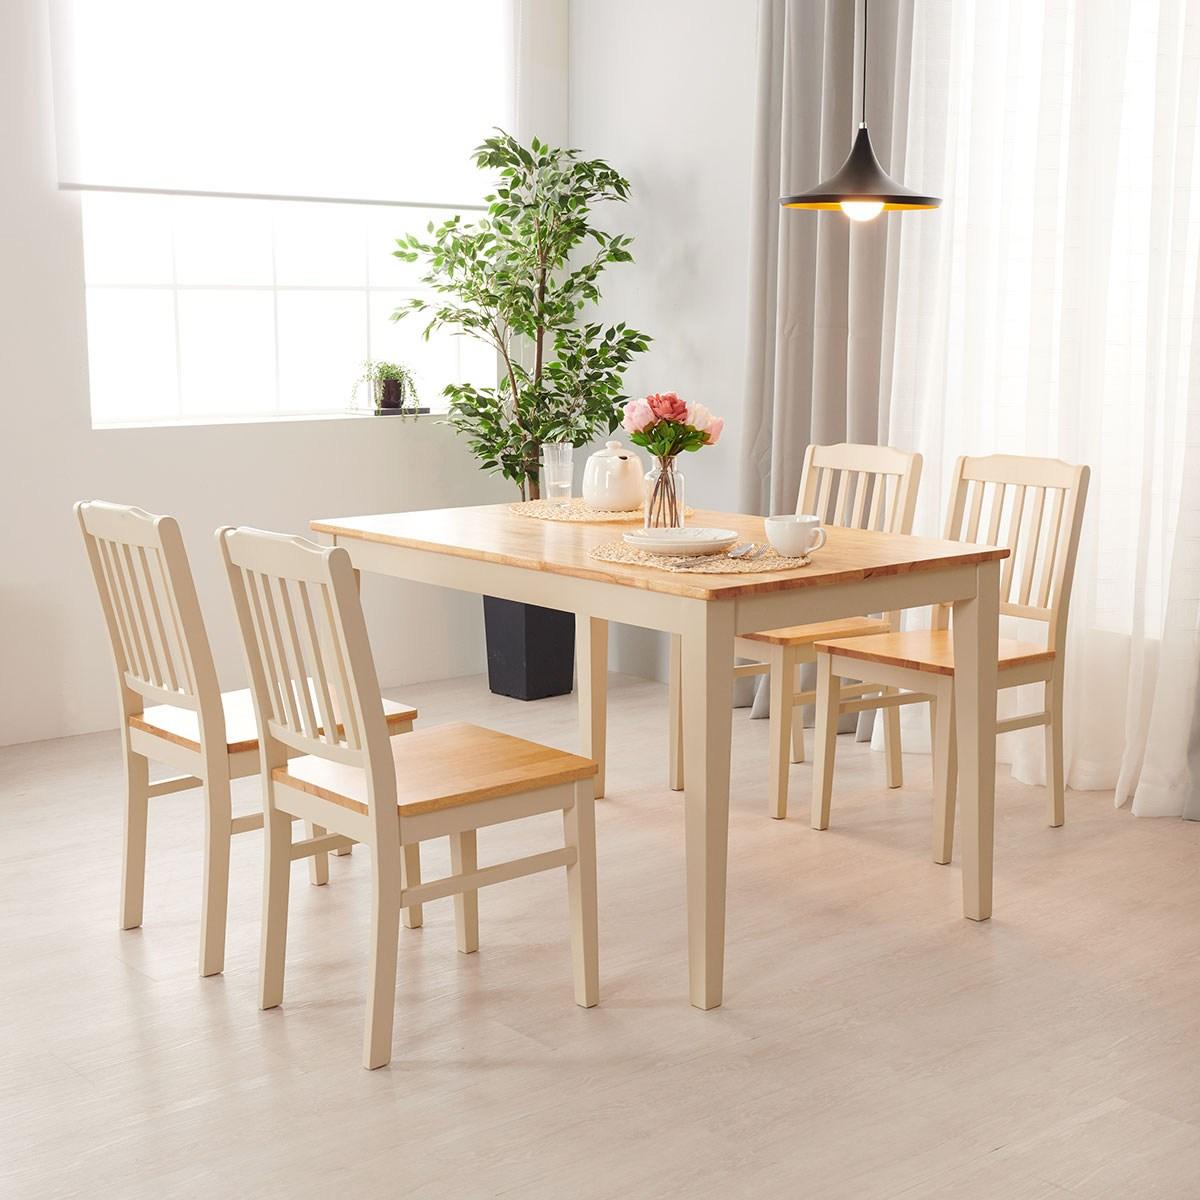 소티디자인 알베로2 고무나무목 4인식탁 원목식탁 (식탁의자포함) 식탁세트